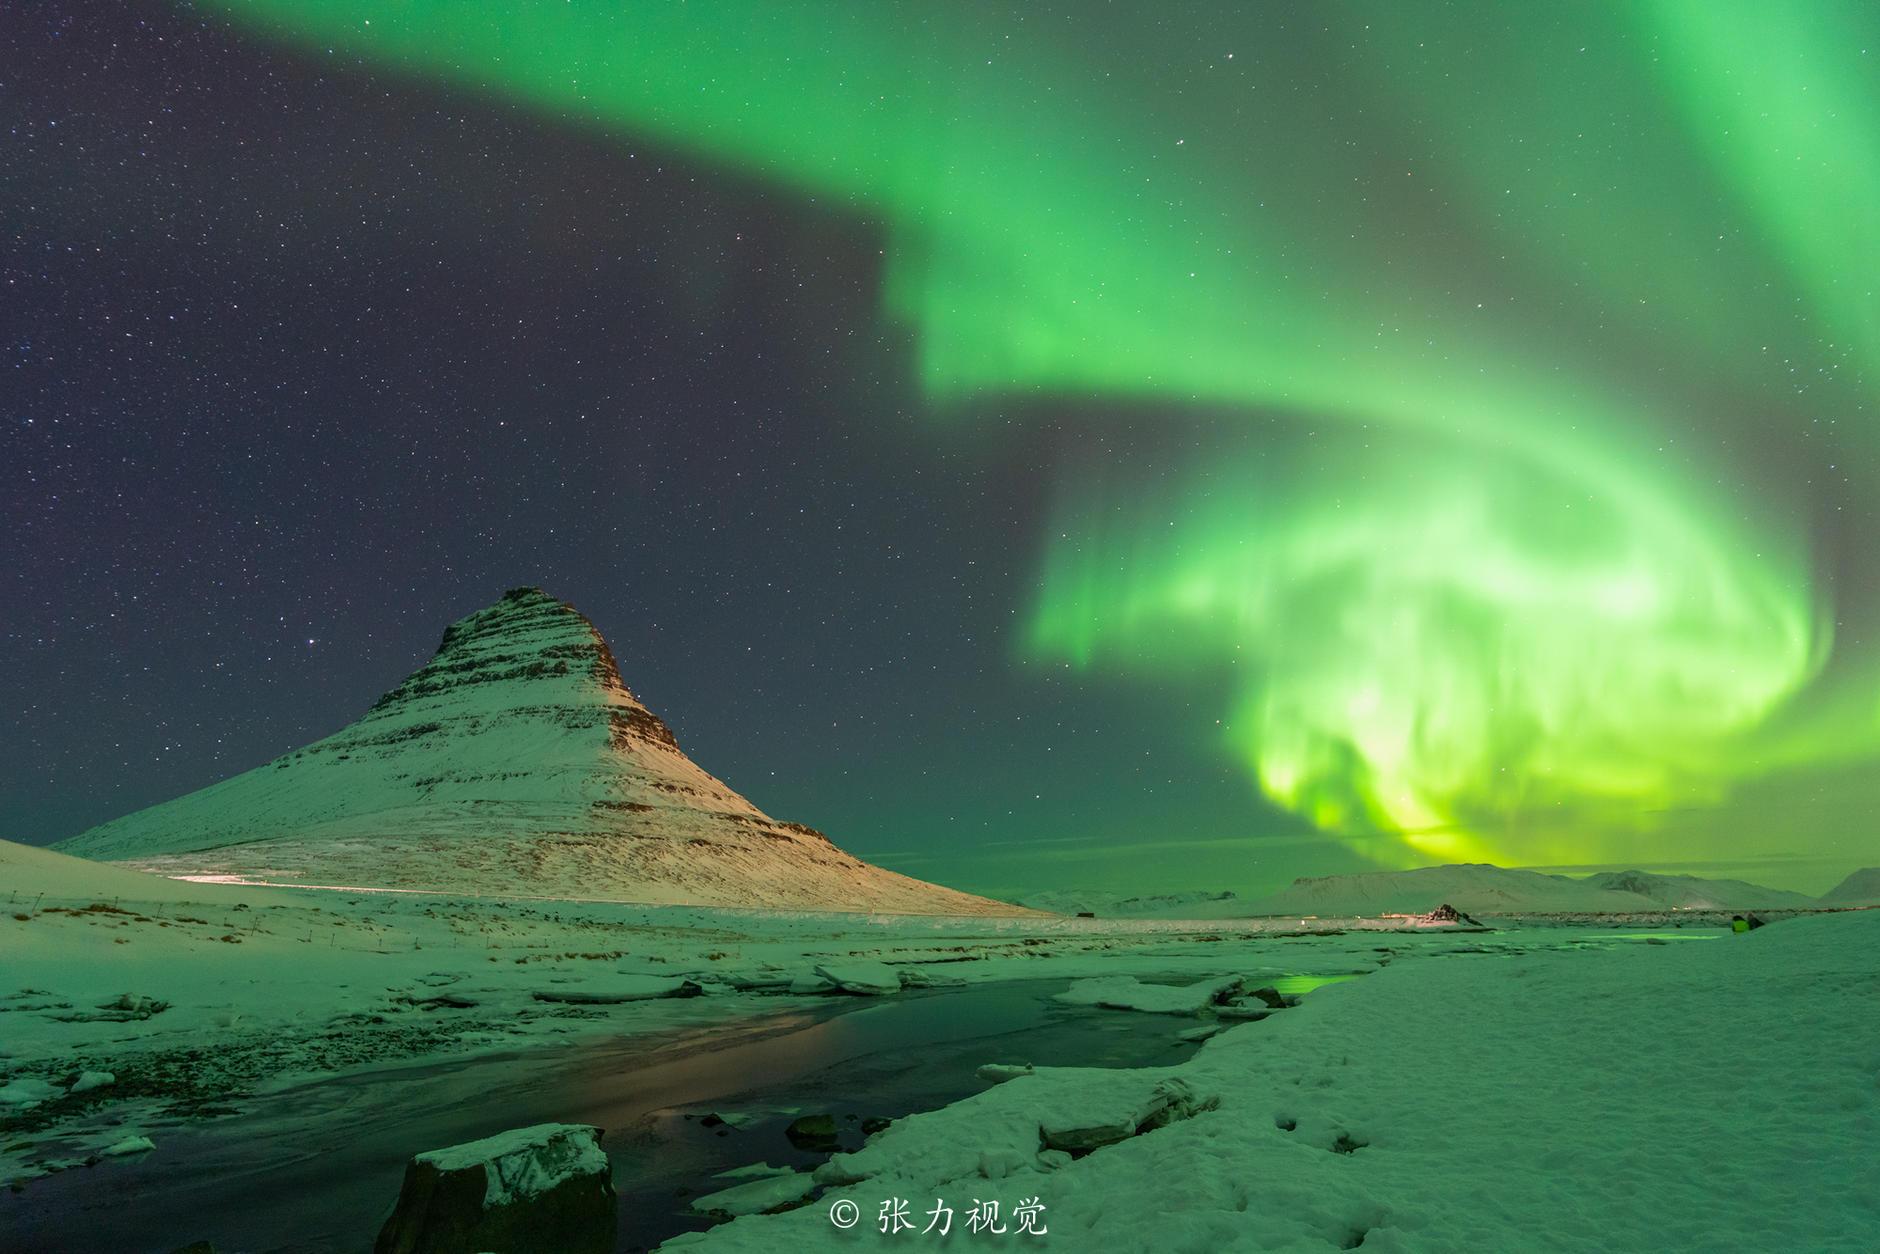 极光去哪里看?一起来冰岛邂逅浪漫极光吧!